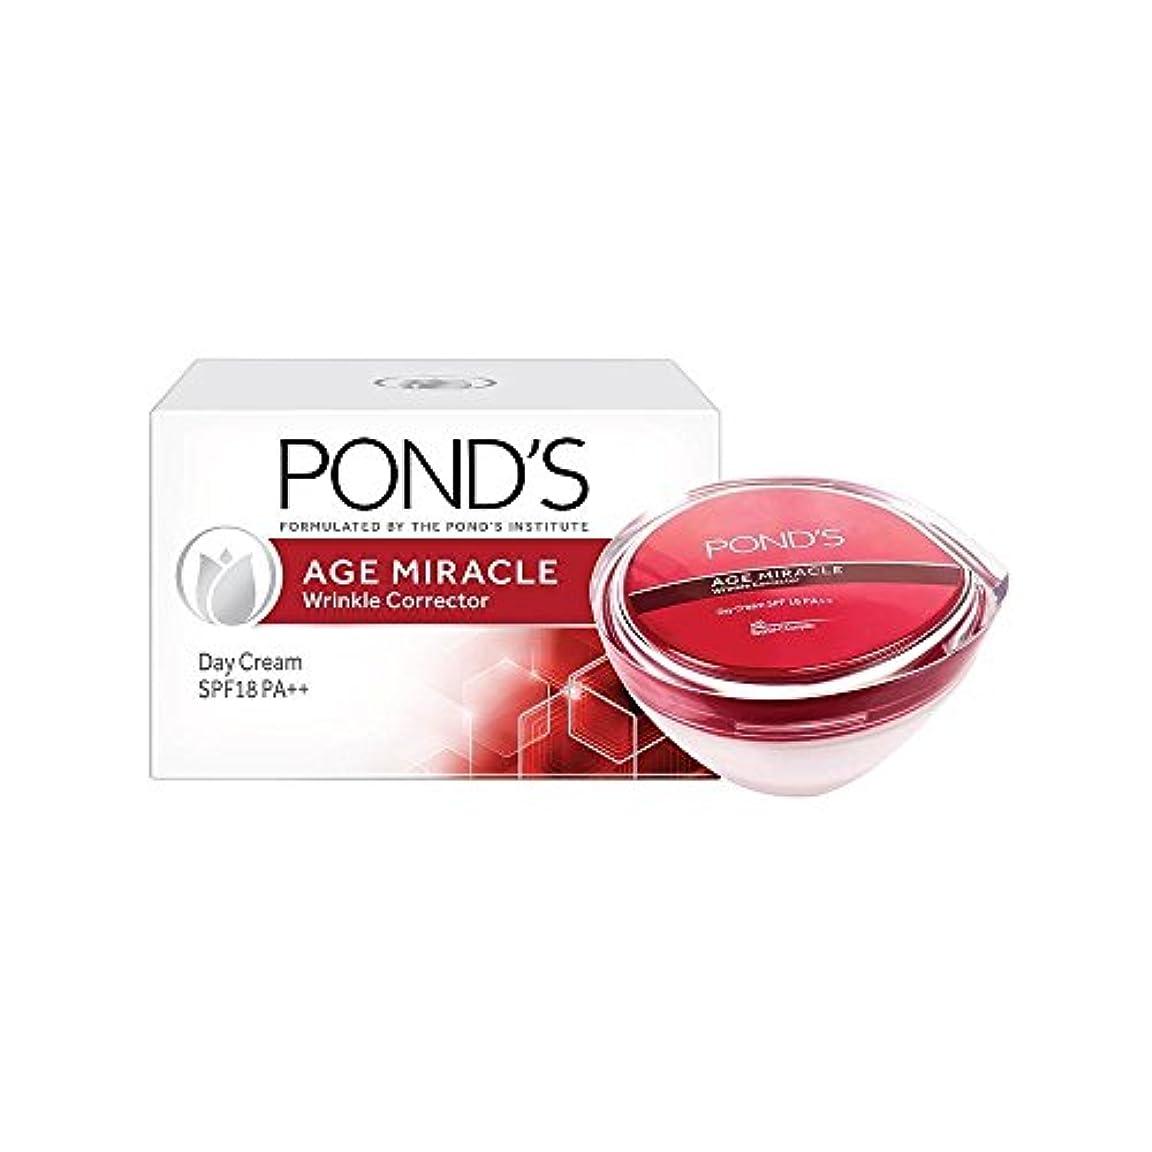 居住者ドラフト隙間POND 'S年齢ミラクルデイクリーム50グラム。セール!POND'S Age Miracle Day Cream 50g. Sale!!!